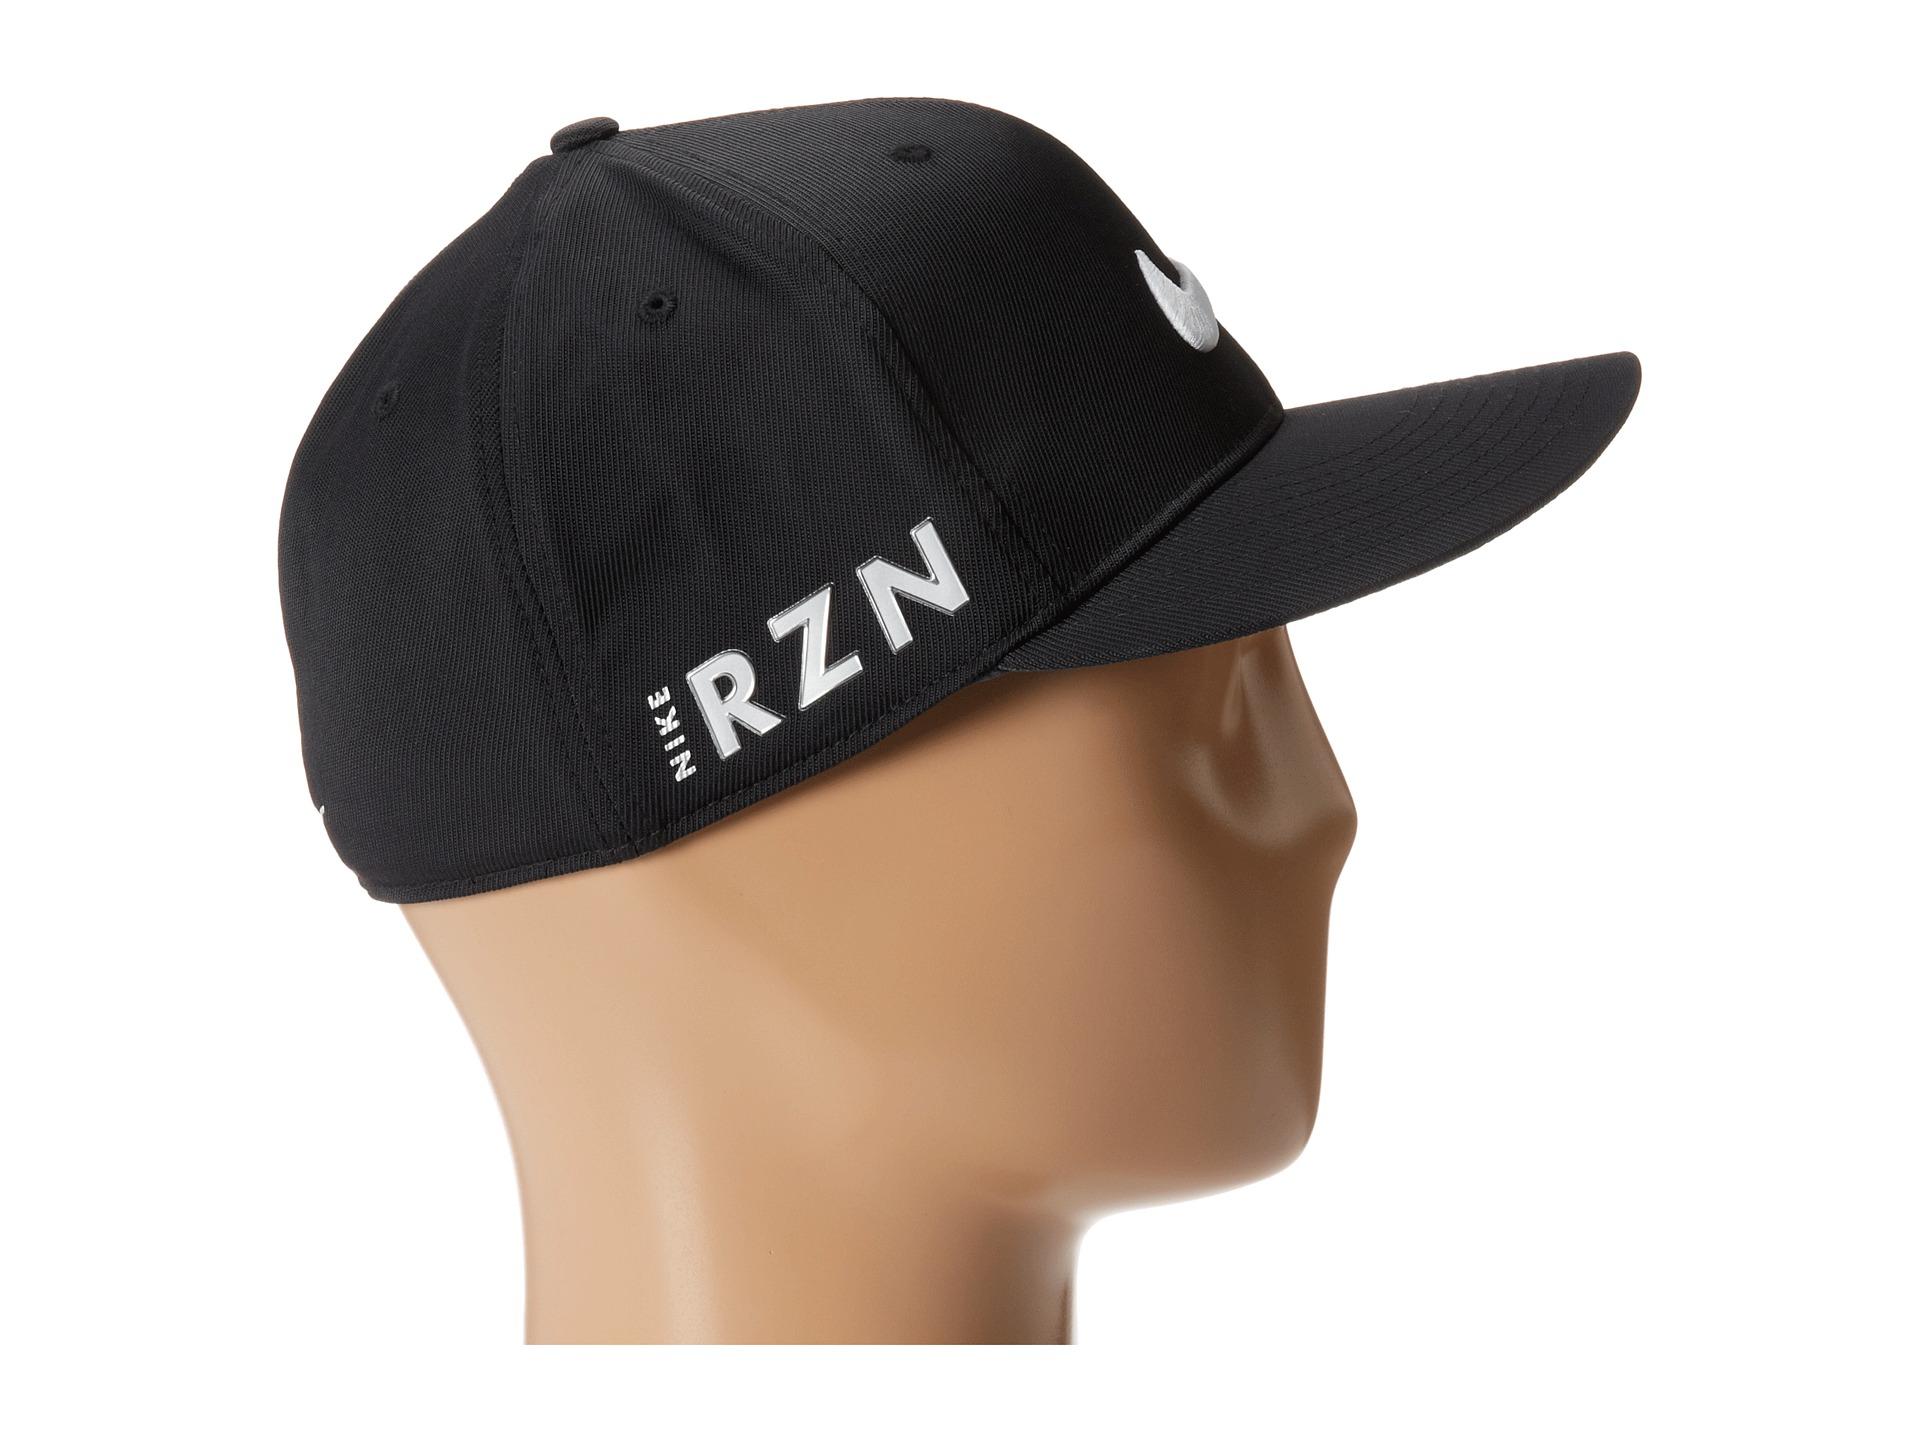 43bddc1ba8e79 ... order lyst nike flat bill tour cap in black for men 42a37 c8e3f